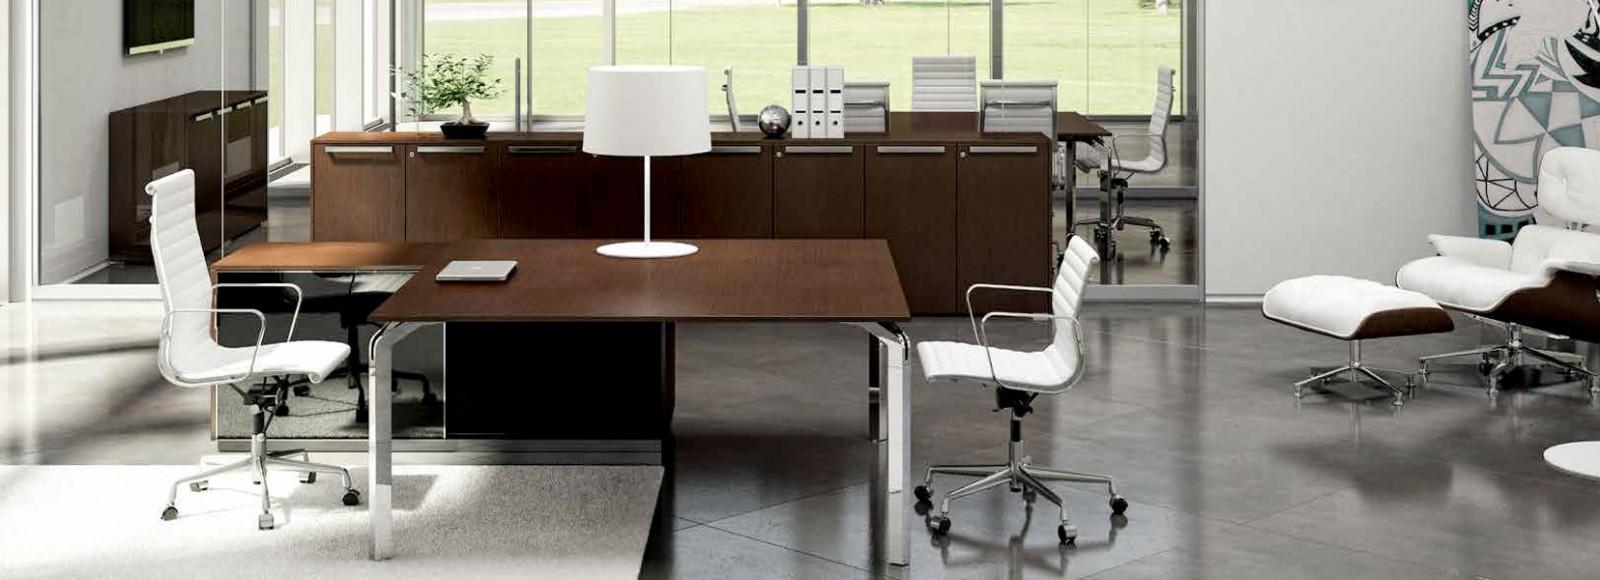 Guarinoffice forniture per ufficio for Forniture per ufficio